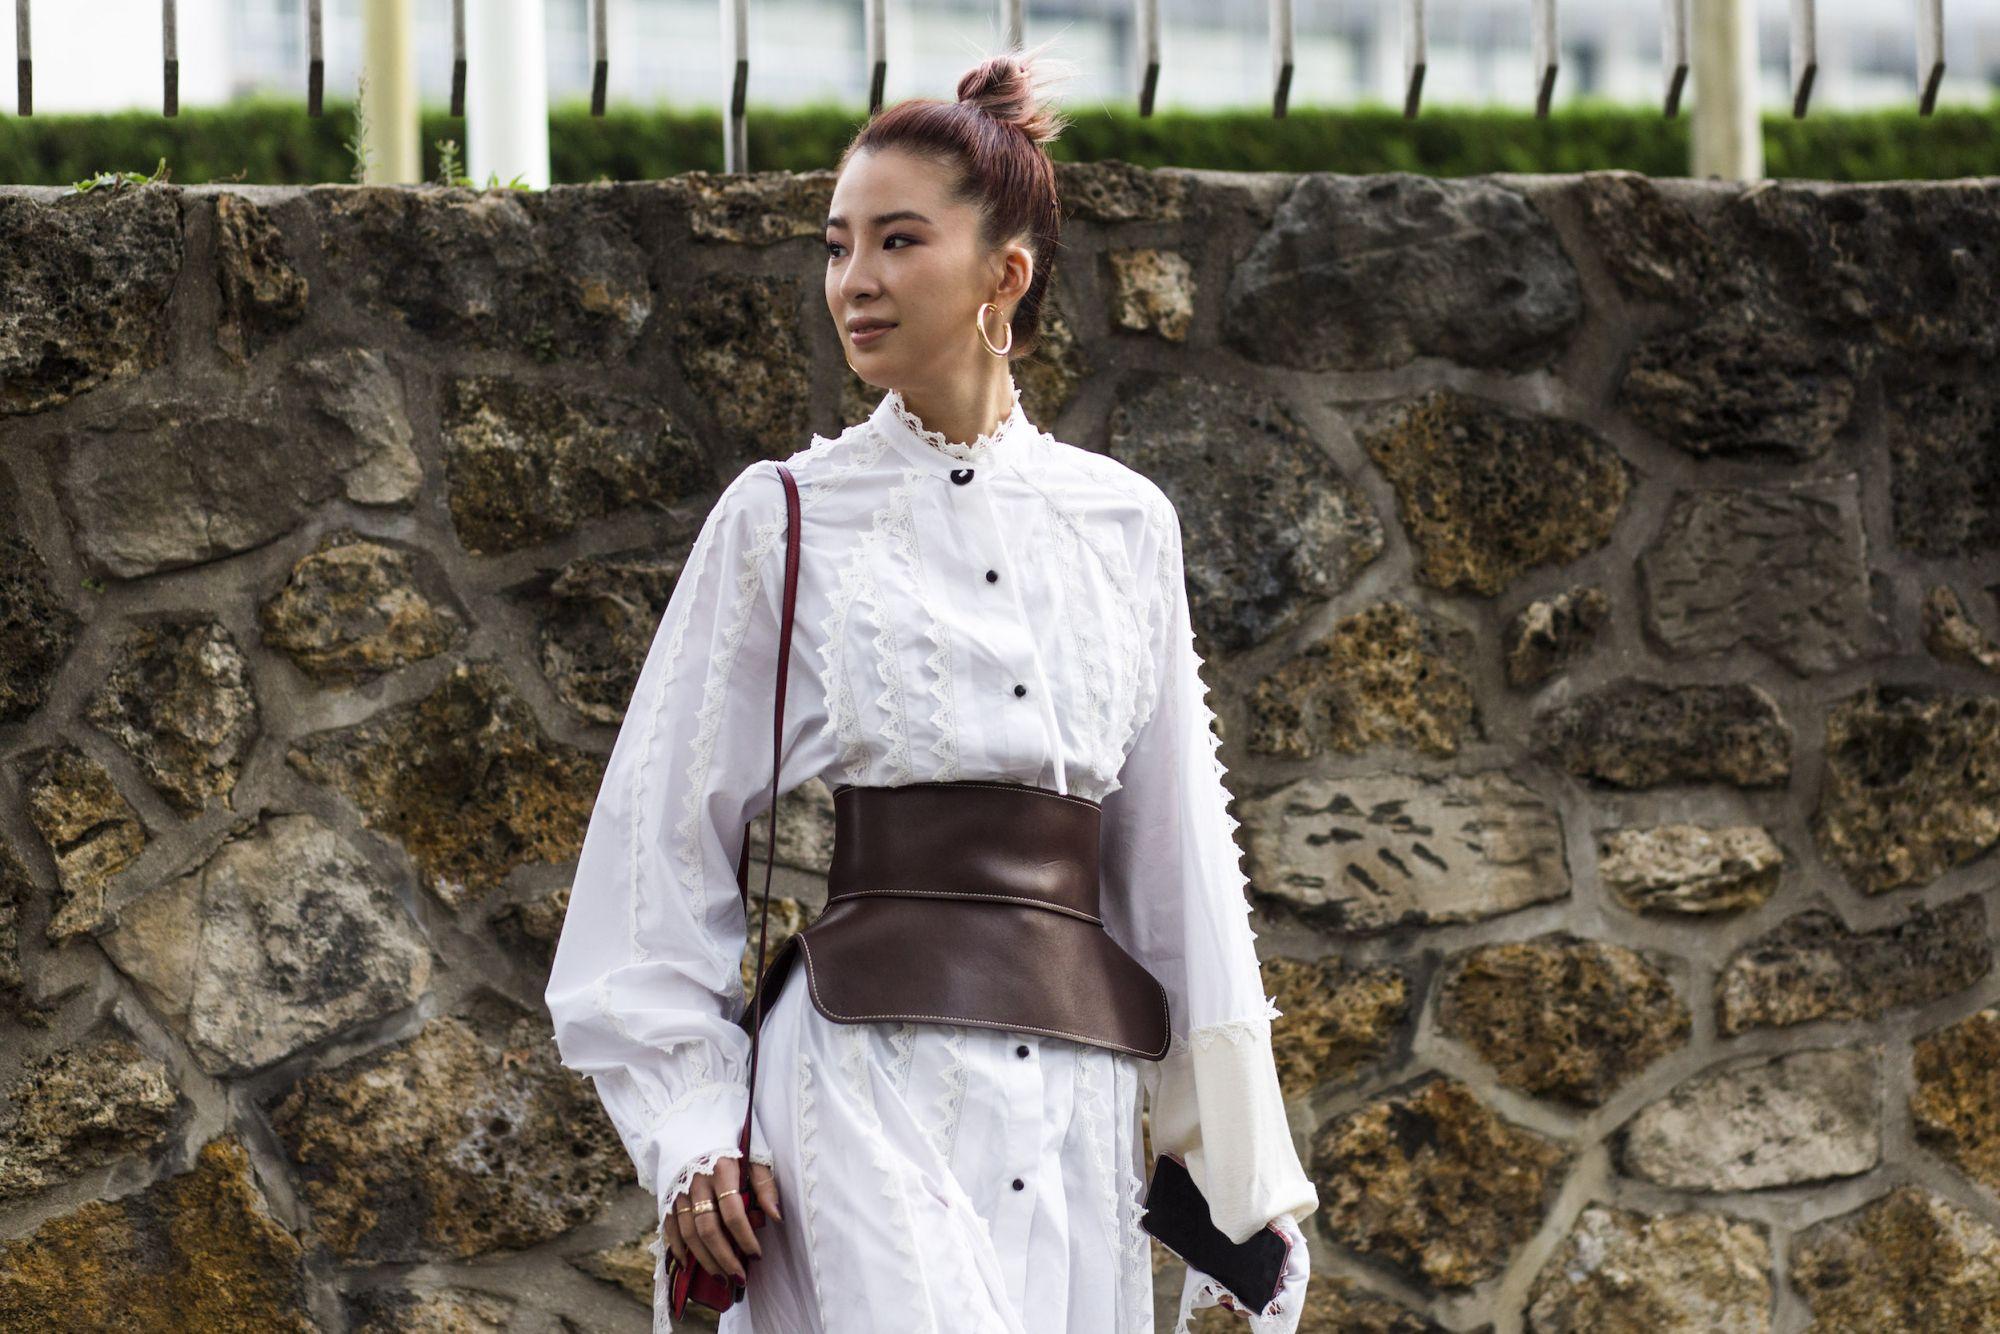 3 Ways To Wear It: The White Dress